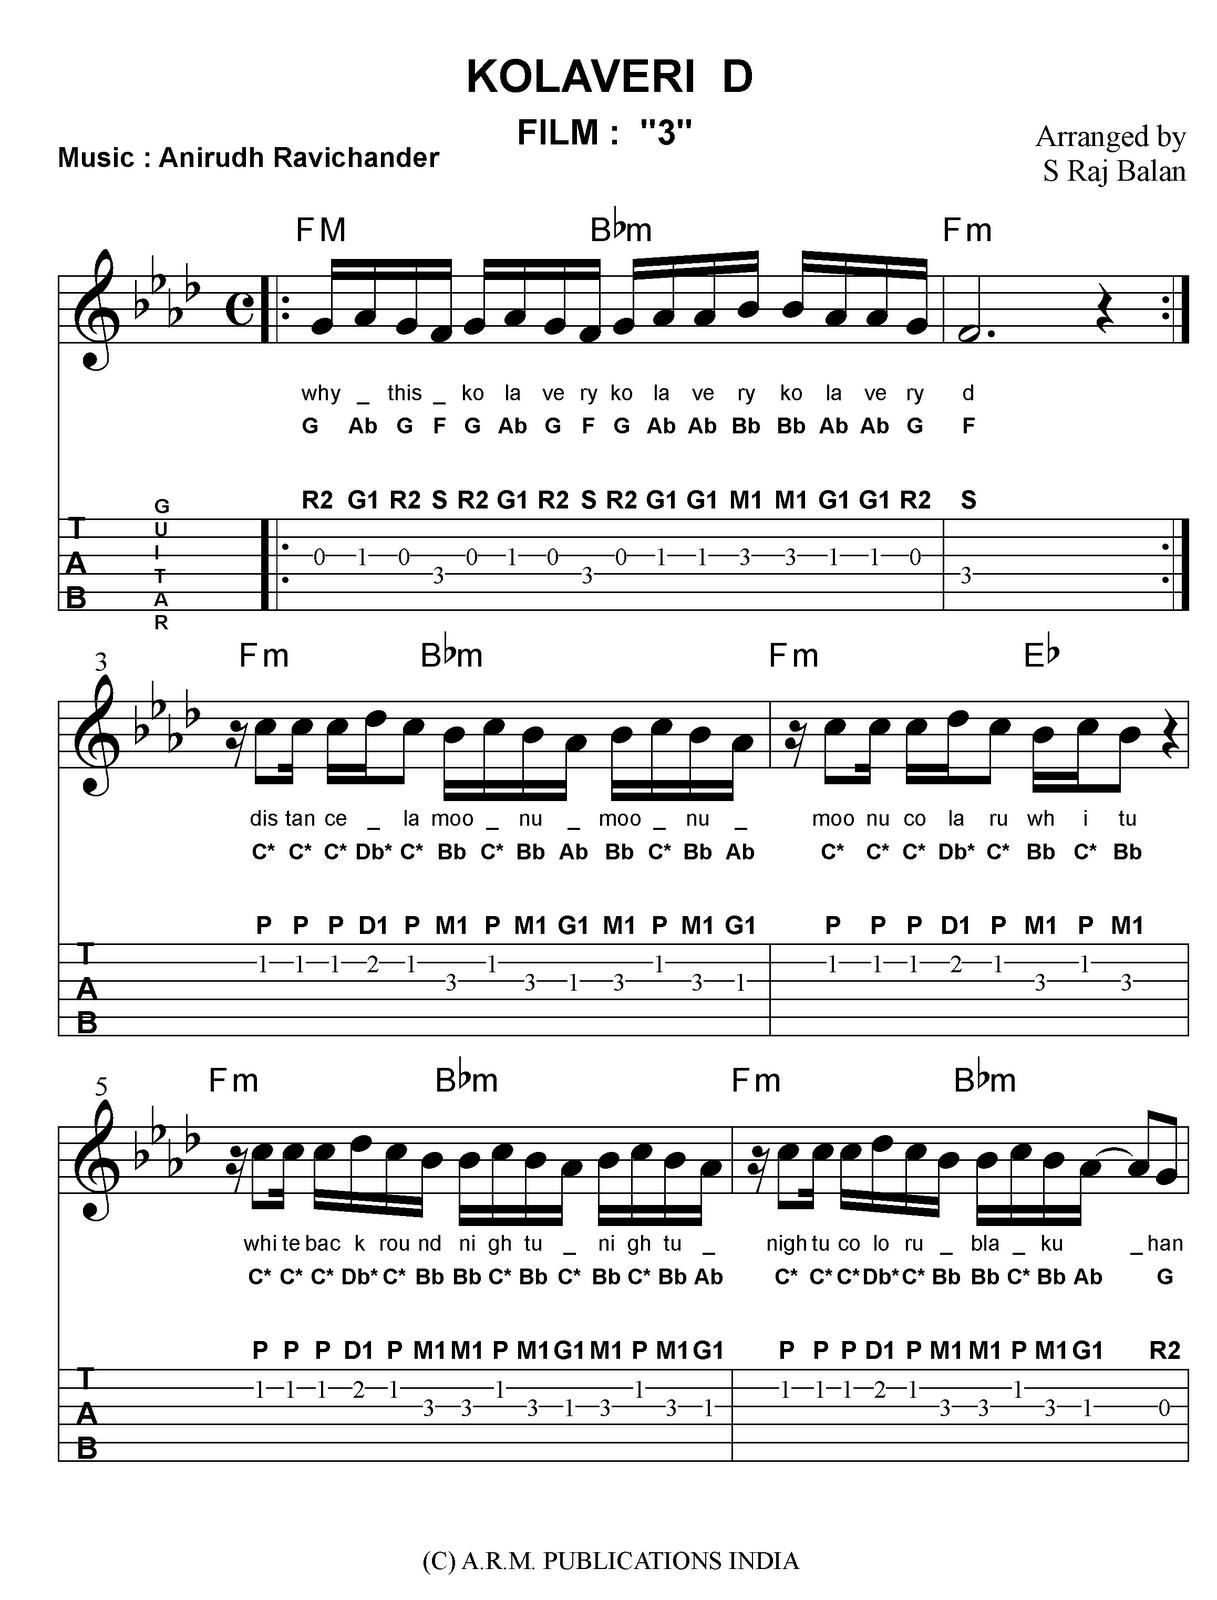 Play Bollywood Hindi Songs On Piano Keyboard Guitar Violin Saxophone Notes And Sheetmusic In Western And Indian Formats For Bollywood Tamil Kannada Rabindra Sangeeth Hindi film songs sheet music. bollywood tamil kannada rabindra sangeeth